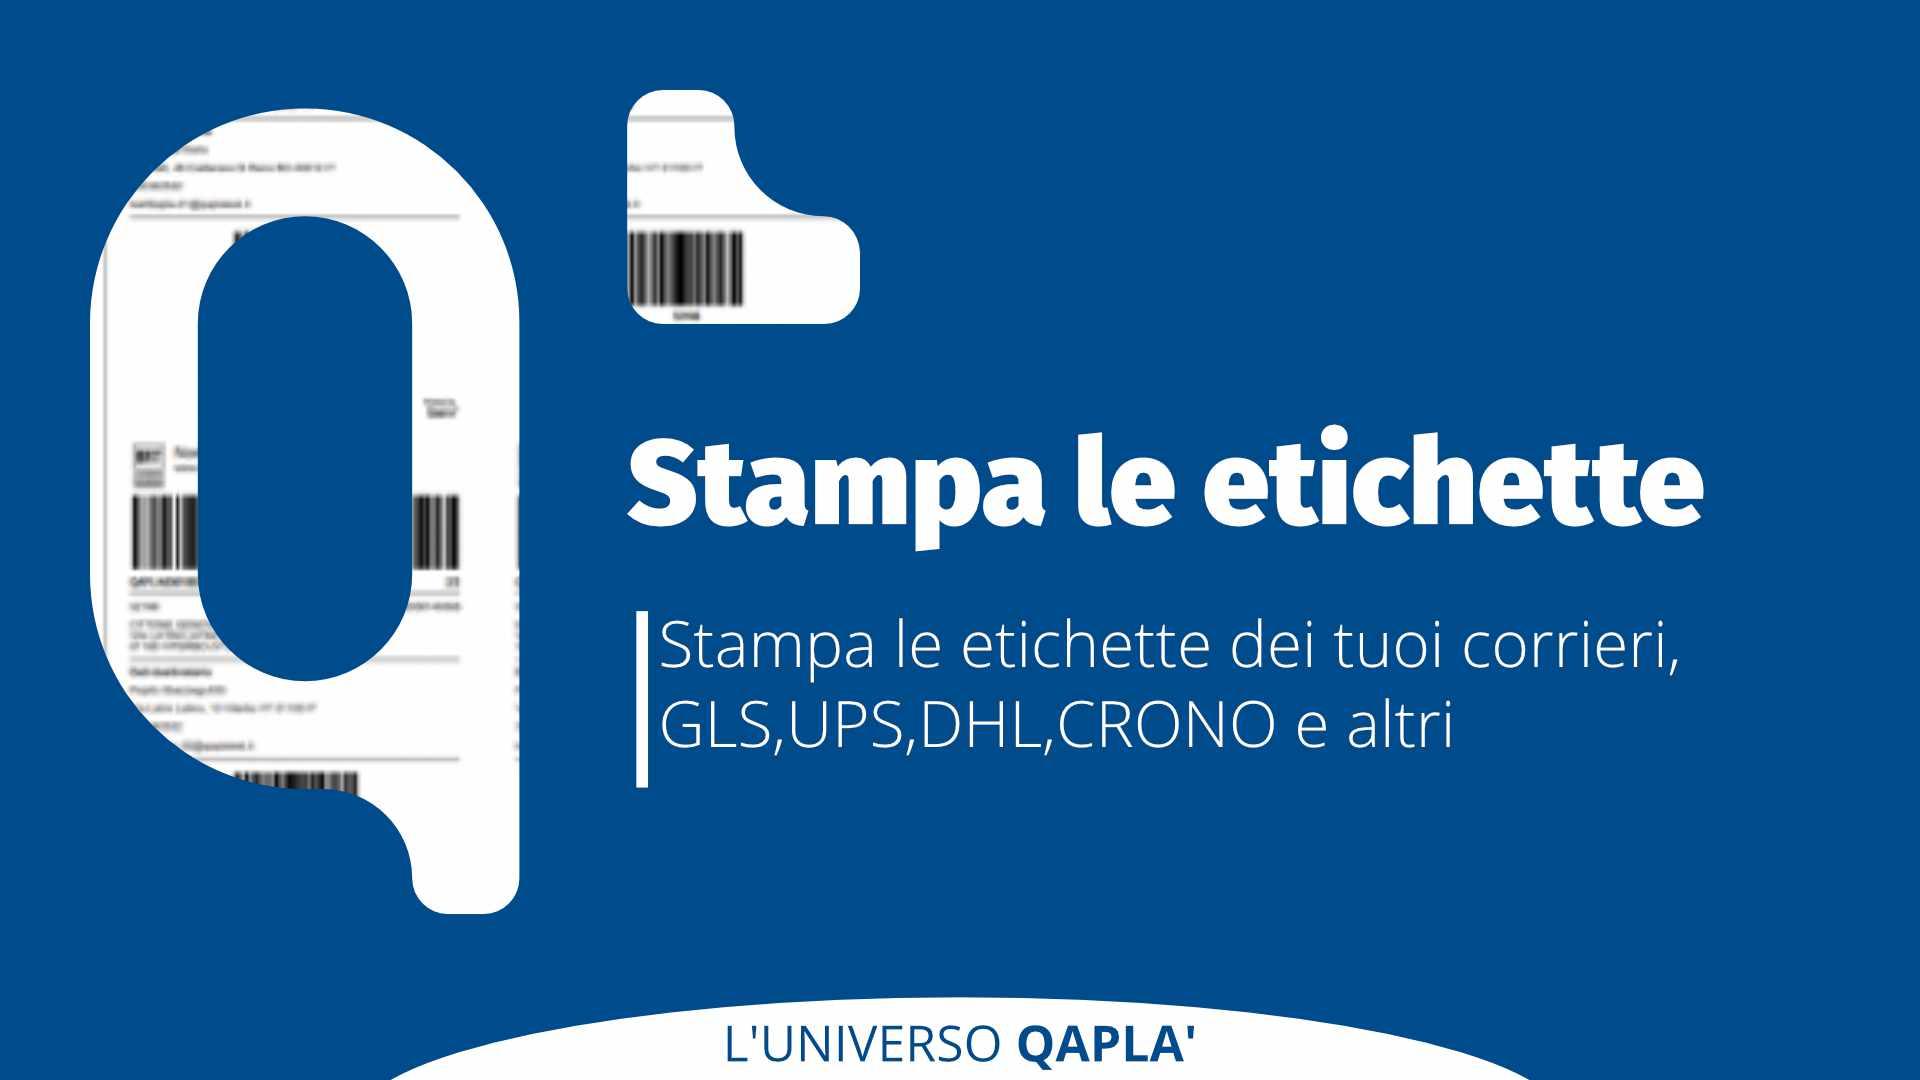 Stampa le etichette SDA, BRT, GLS, DHL e Crono con Qapla'